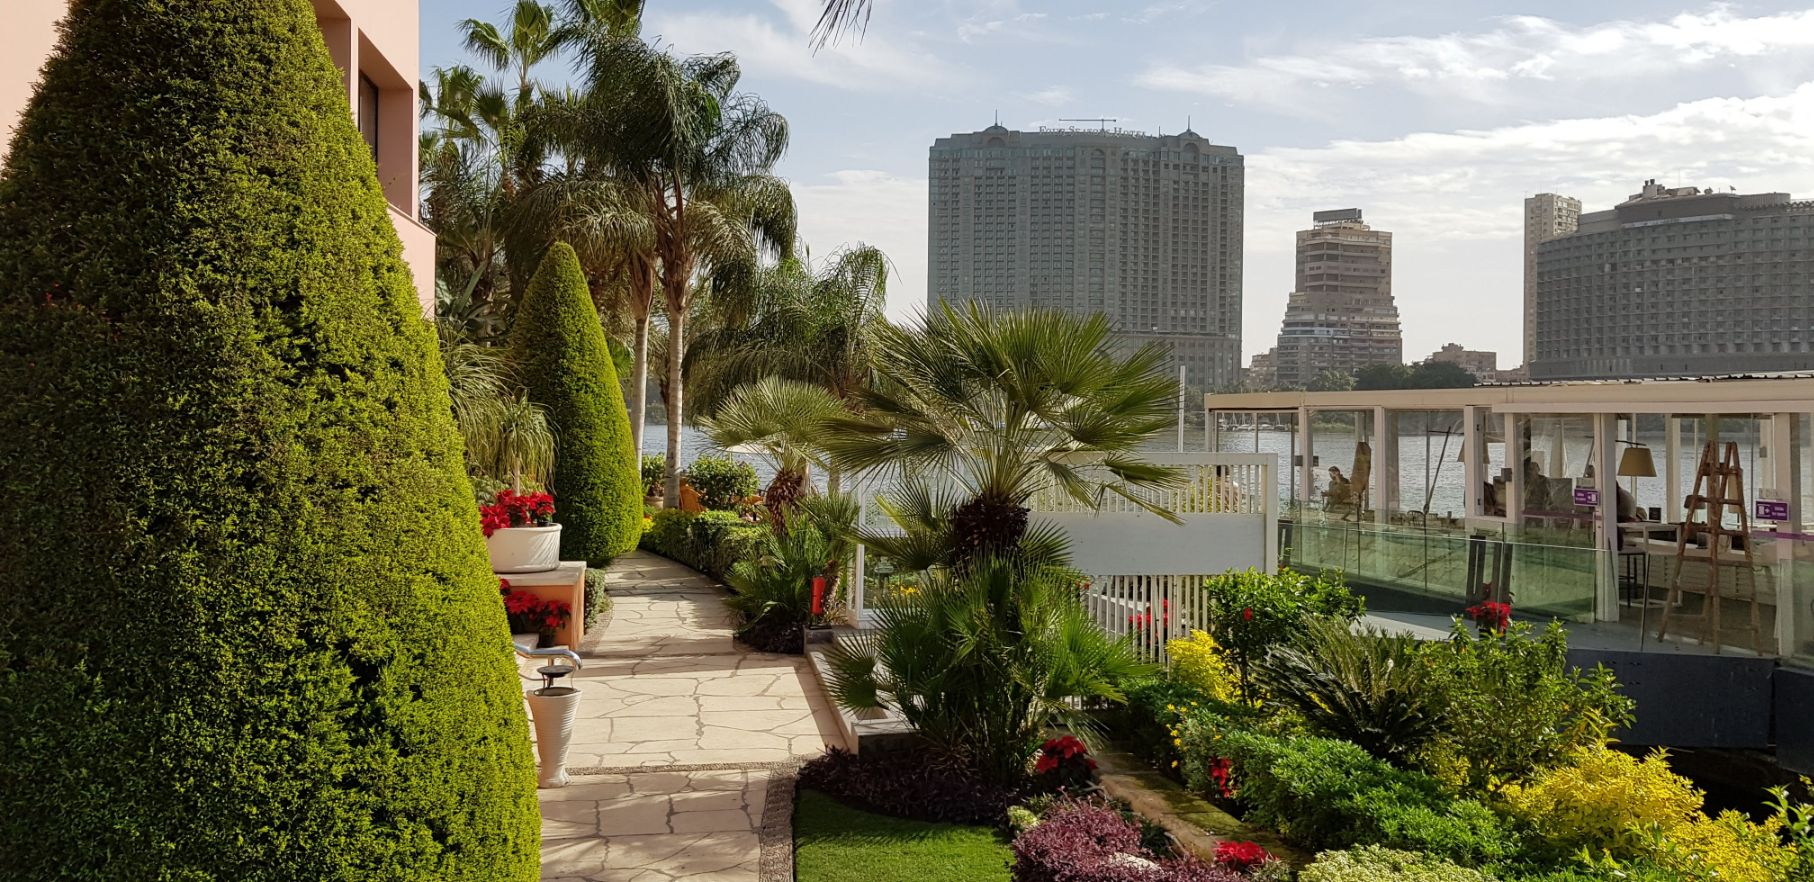 Hotel Sofitel Cairo Nile El Gezirah Le Deck - By Laurent Peugeot